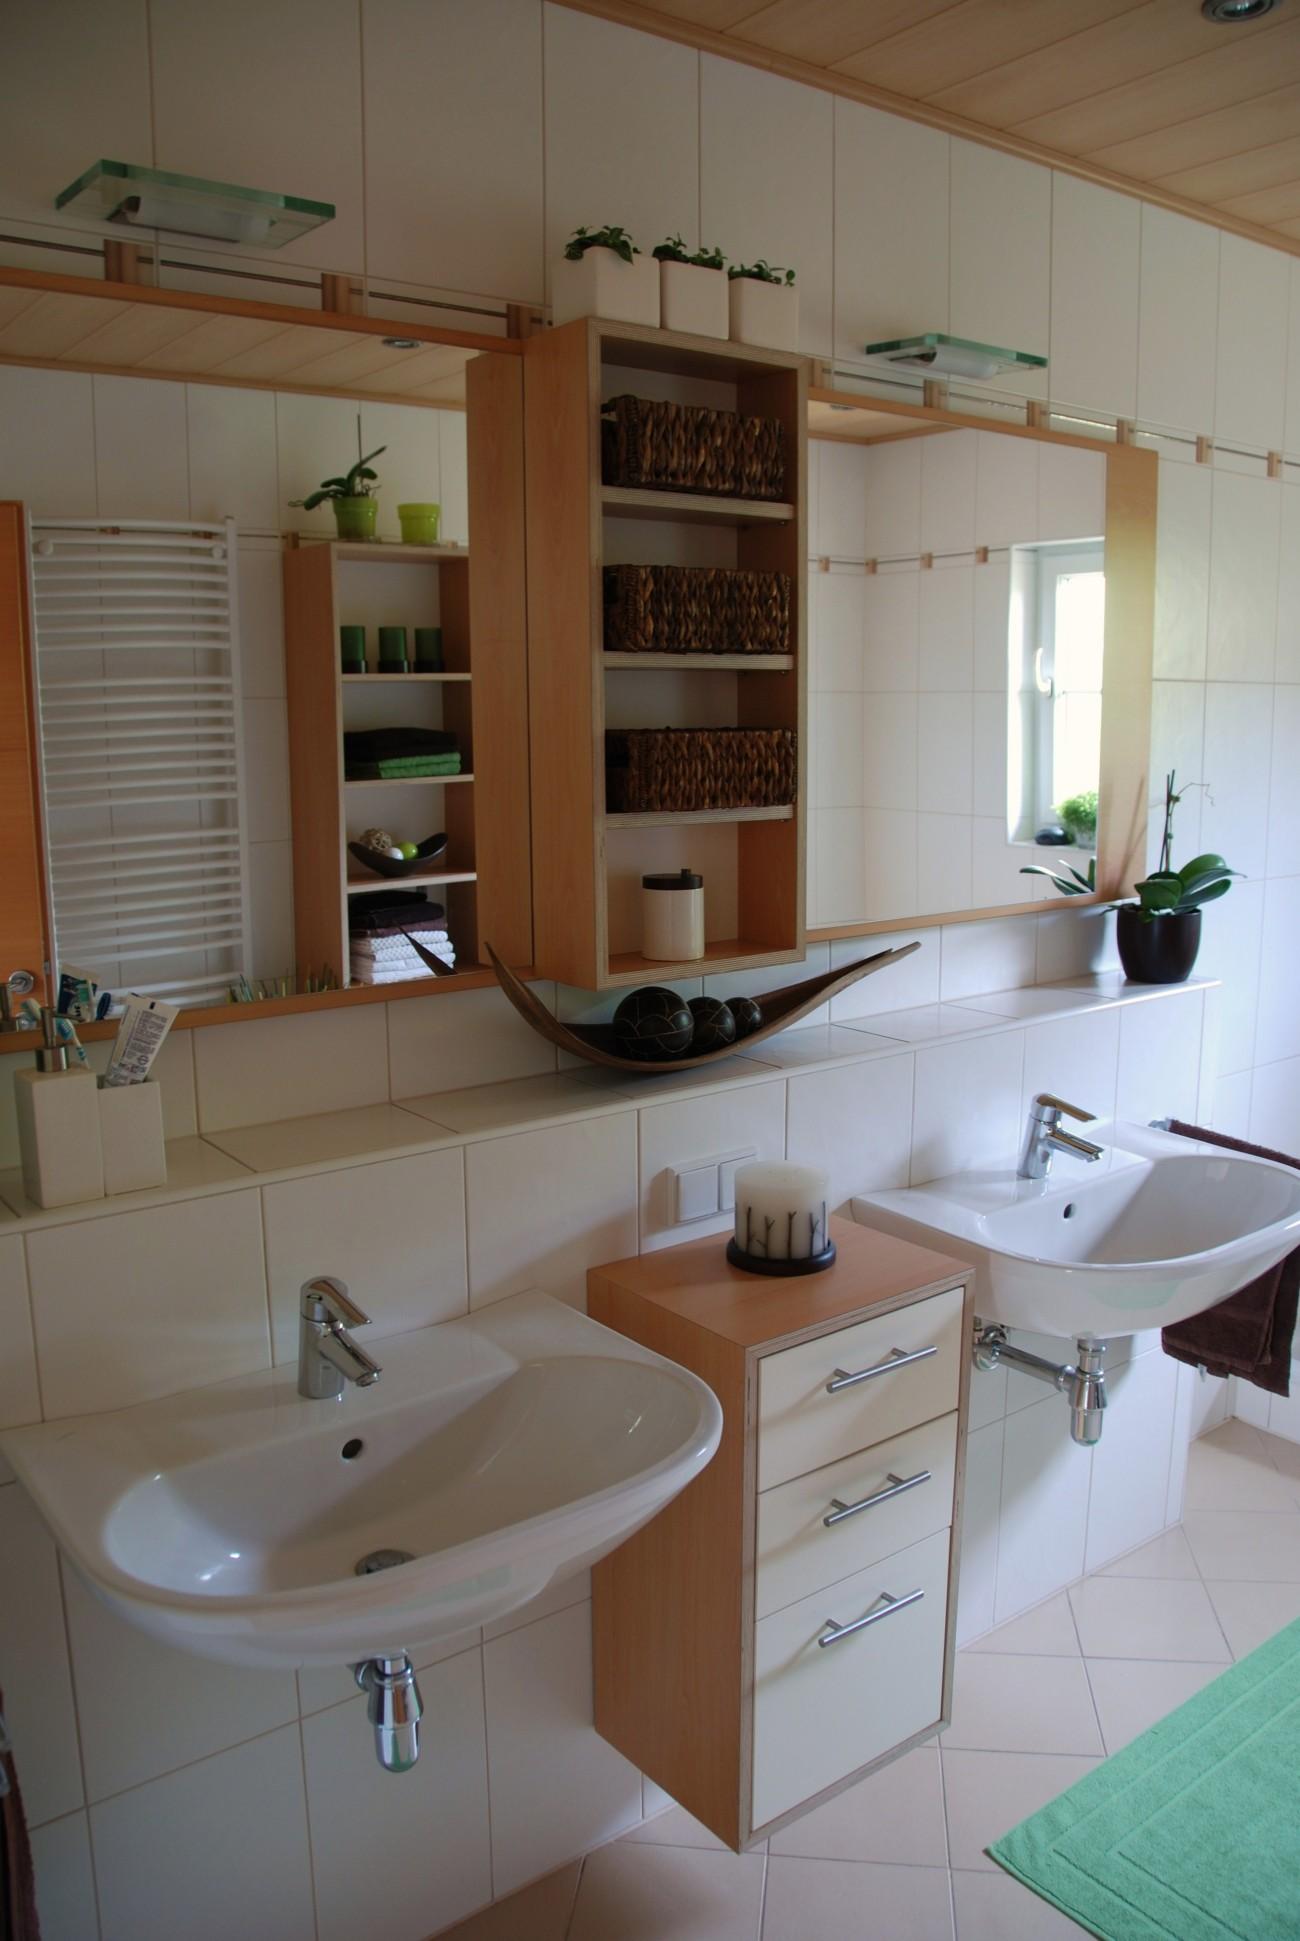 badezimmer | in Apfel-Optik | Ladenauszüge mit Inneneinteilung